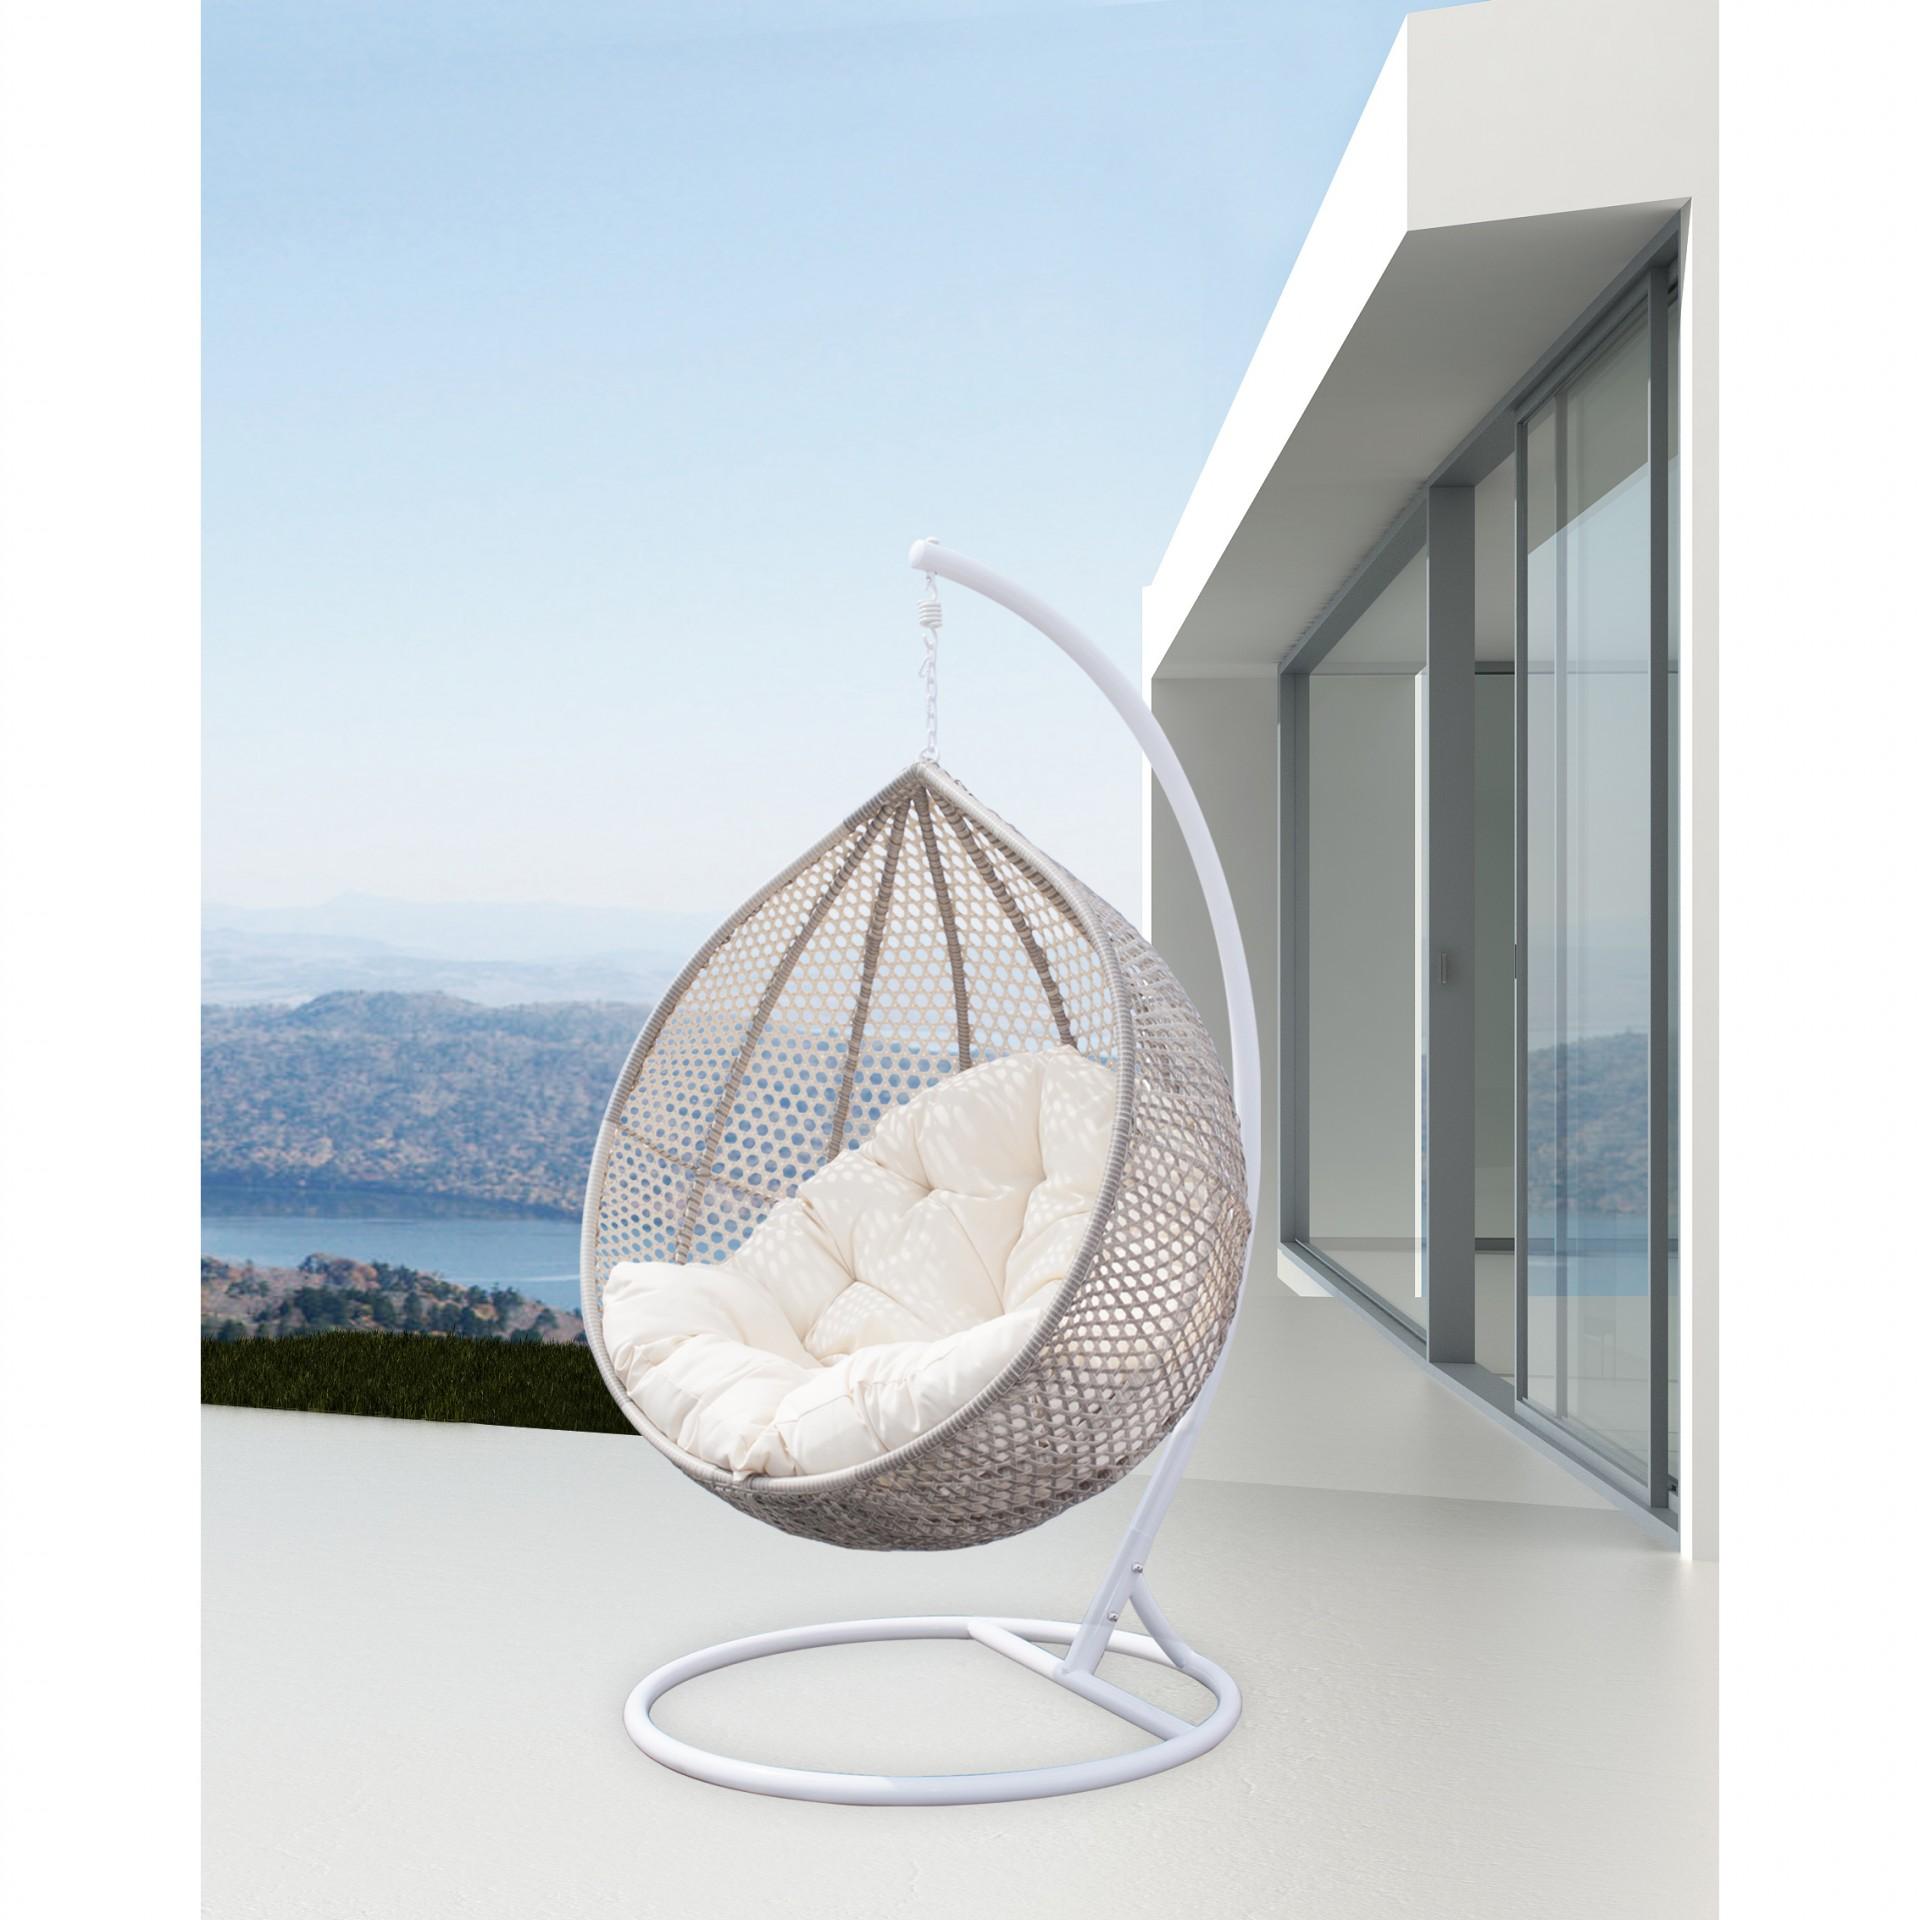 Cadeira suspensa Fobos, c/coxim, alumínio/rattan sintético, Ø113x195